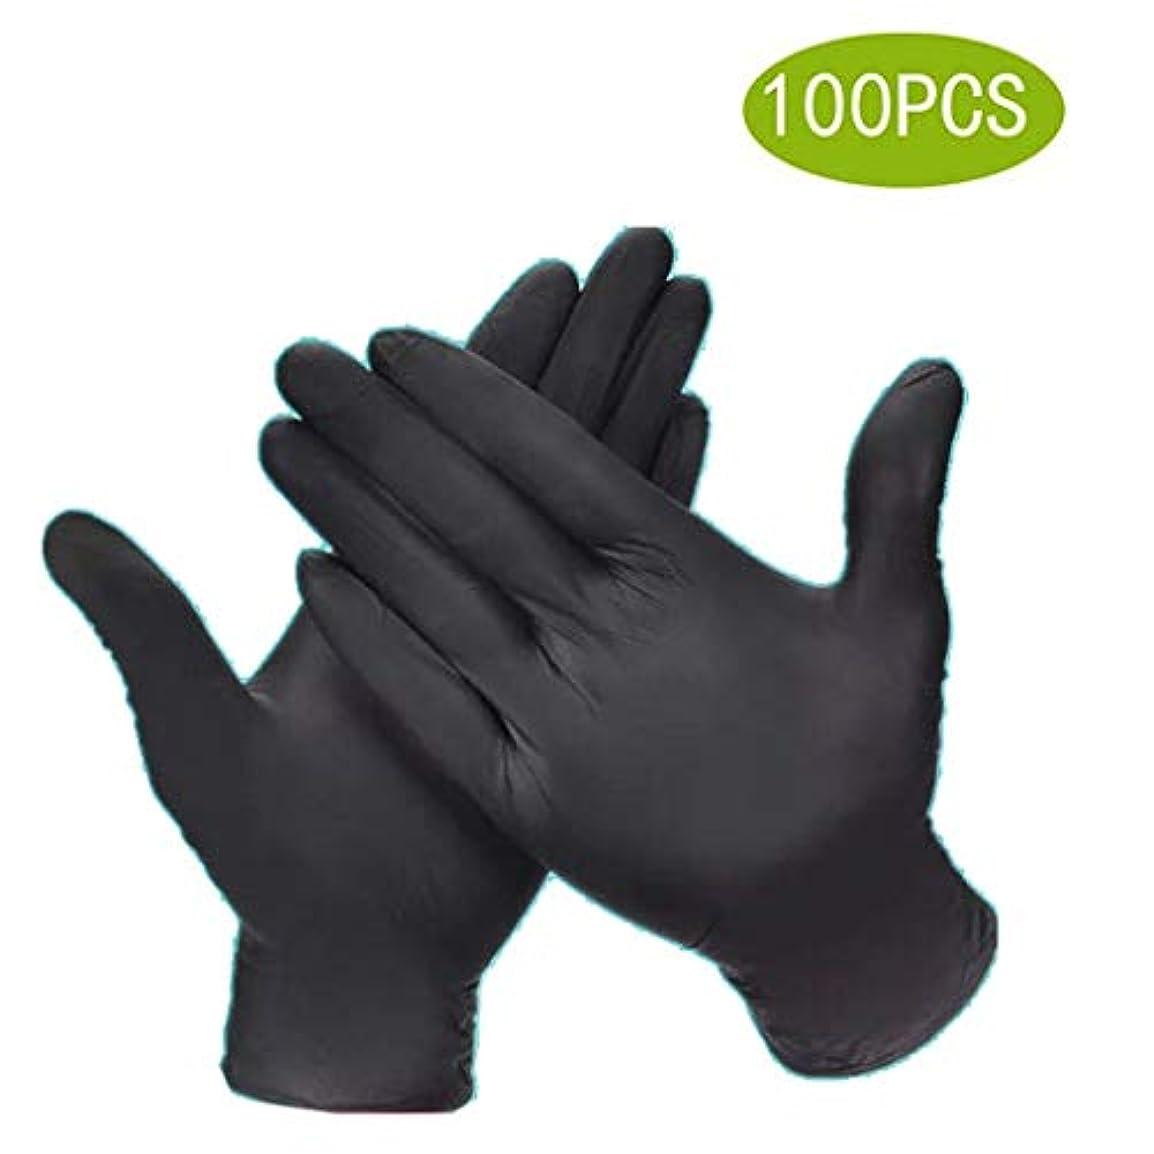 マークされた印象うつ使い捨て手袋食品ケータリング手術ディンチン厚い黒滑り止め酸とアルカリキッチン試験/食品グレード安全用品、使い捨てハンドグローブディスペンサー[100個] (Size : M)